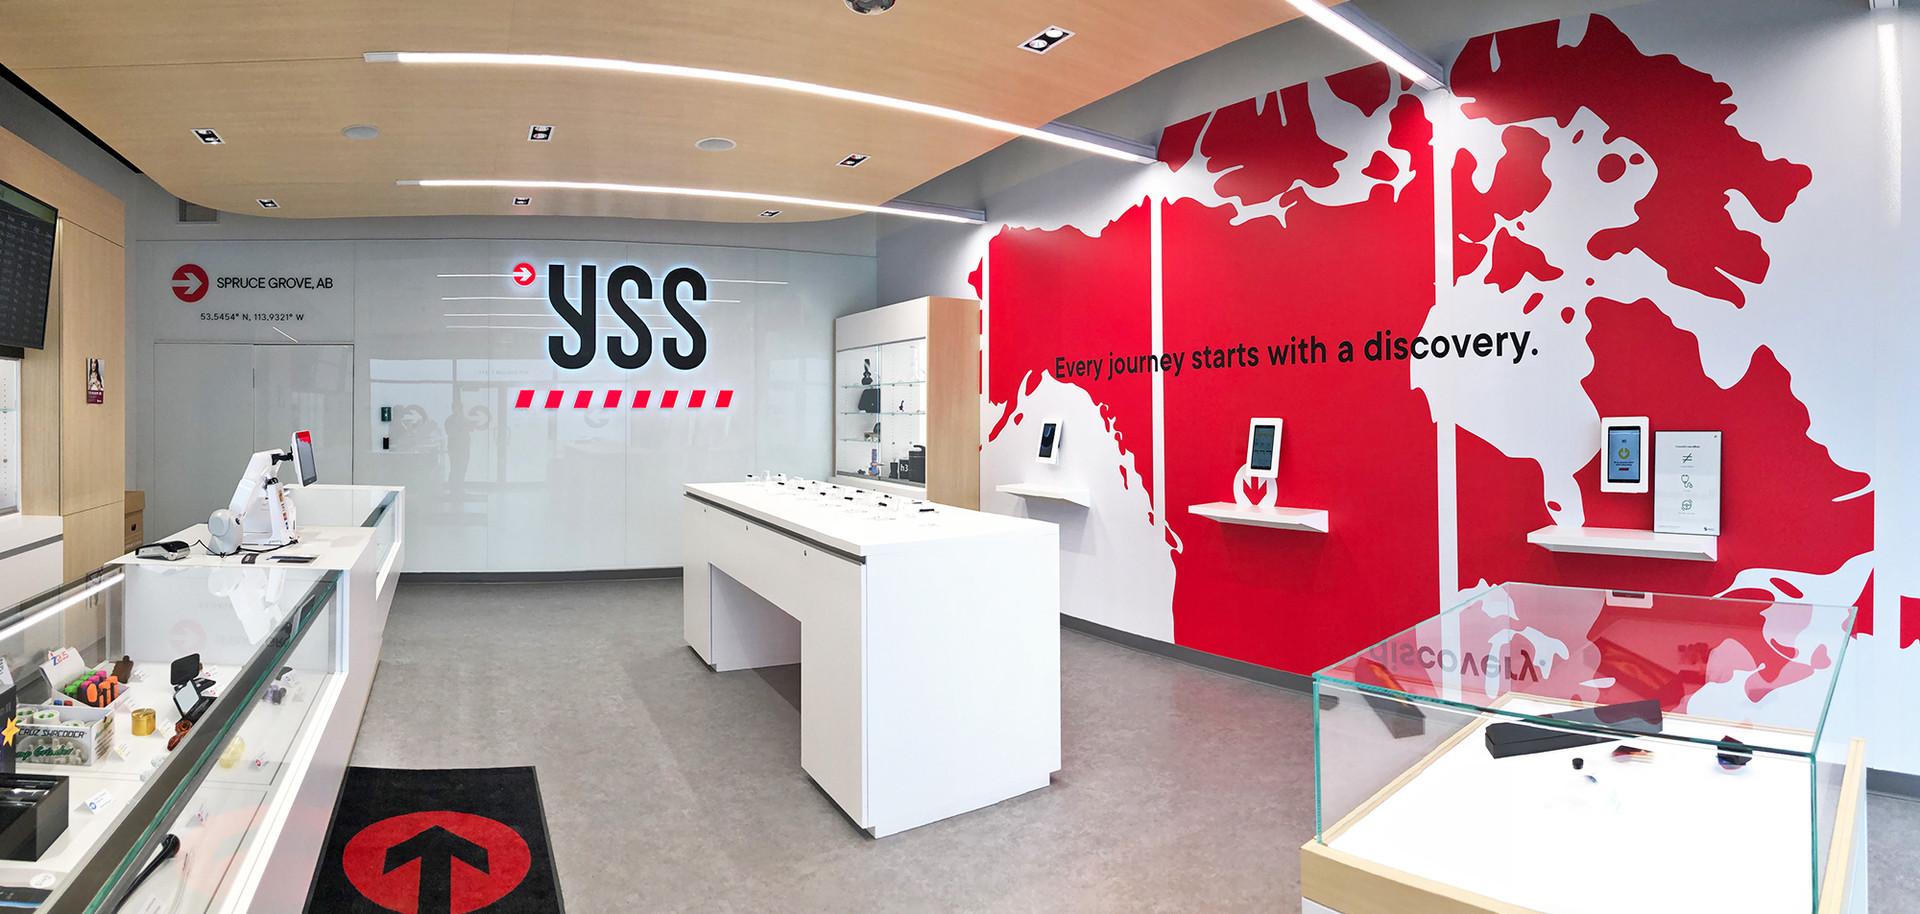 YSS5-2000x1000.jpg